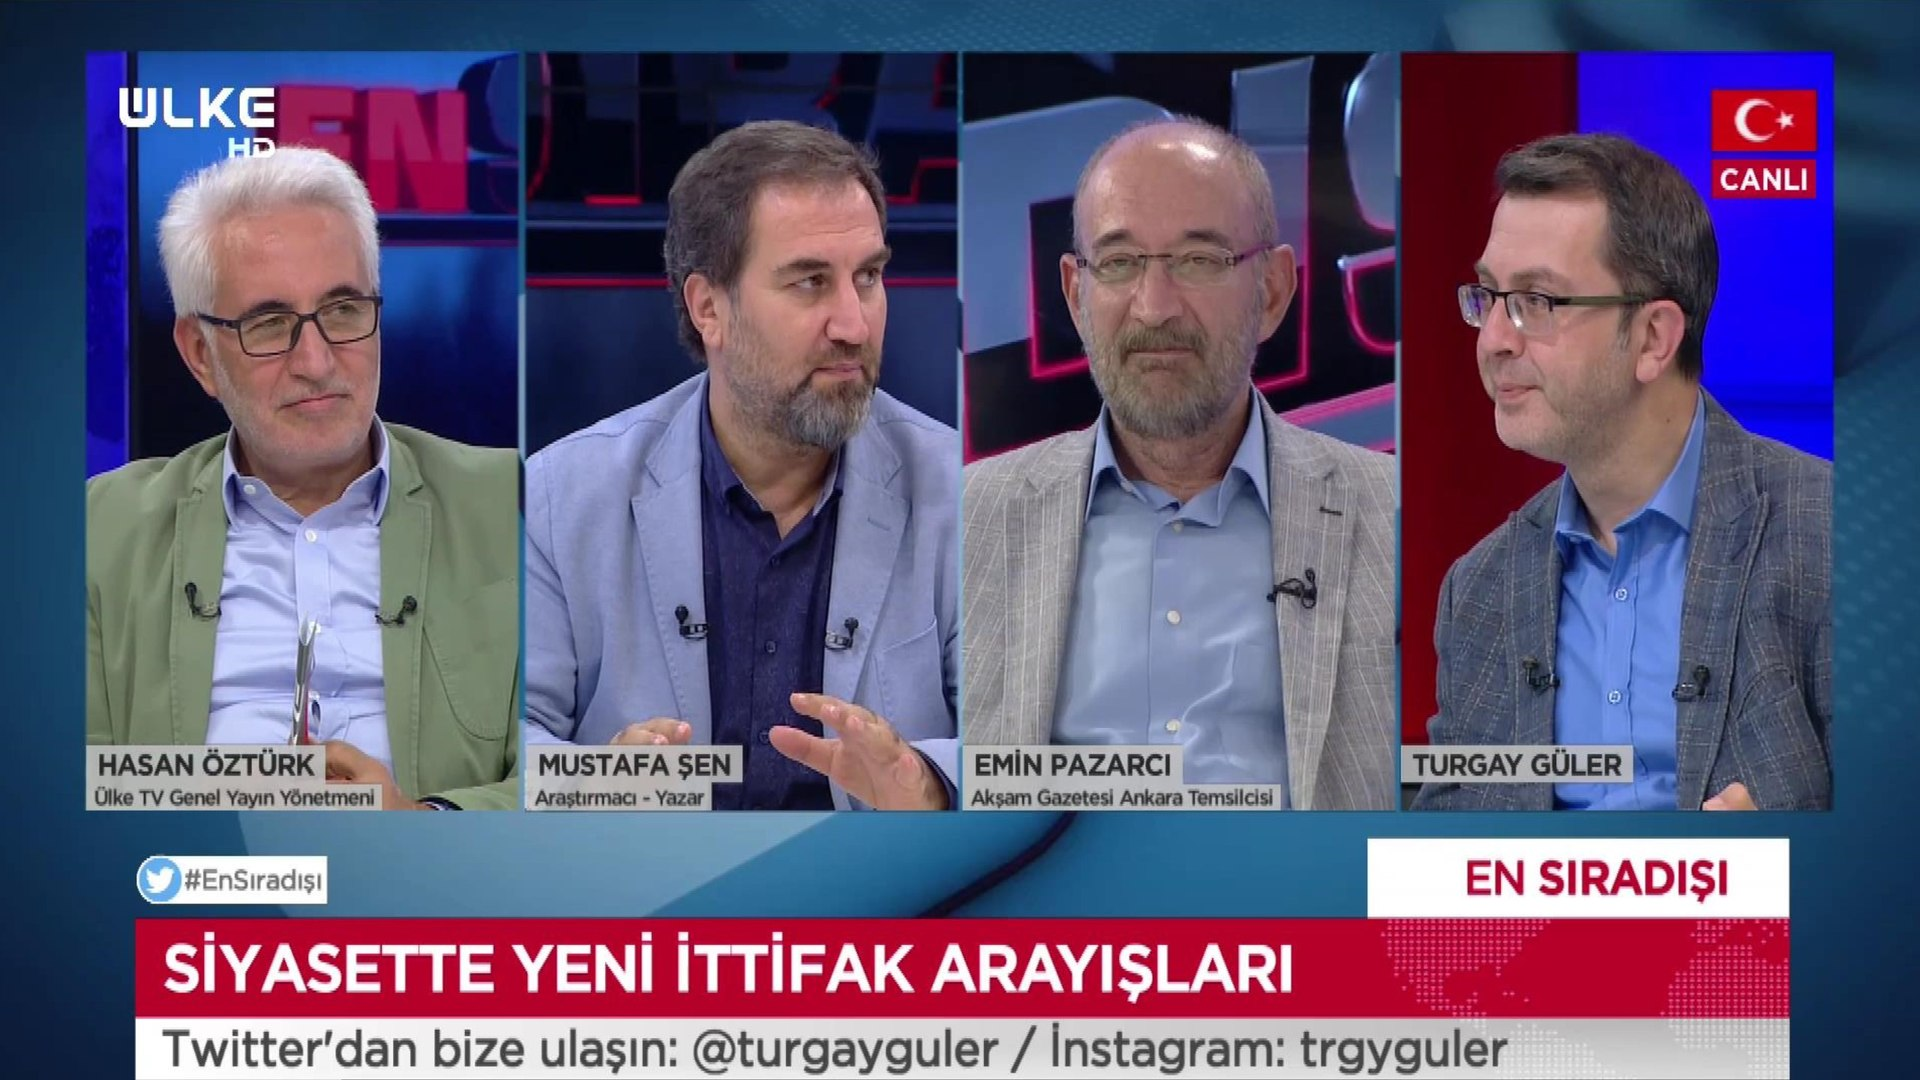 Yazar turgay Turgay Delibalta